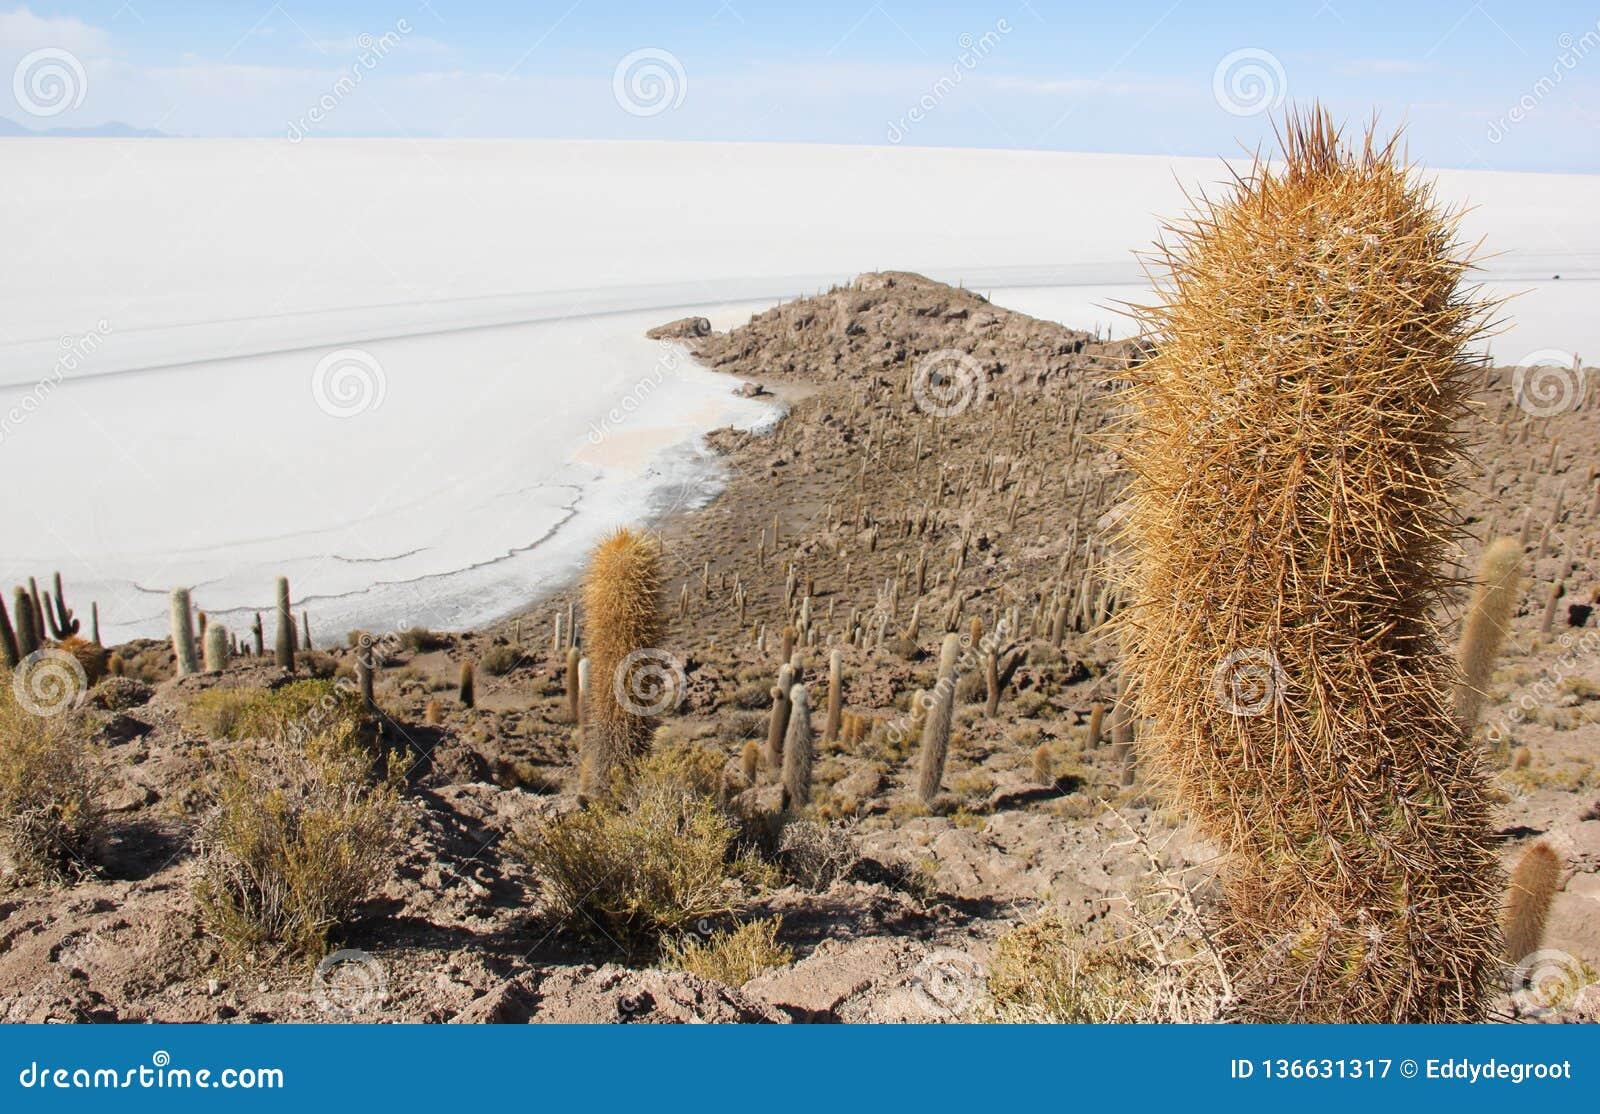 Isla del Pescado in Bolivia